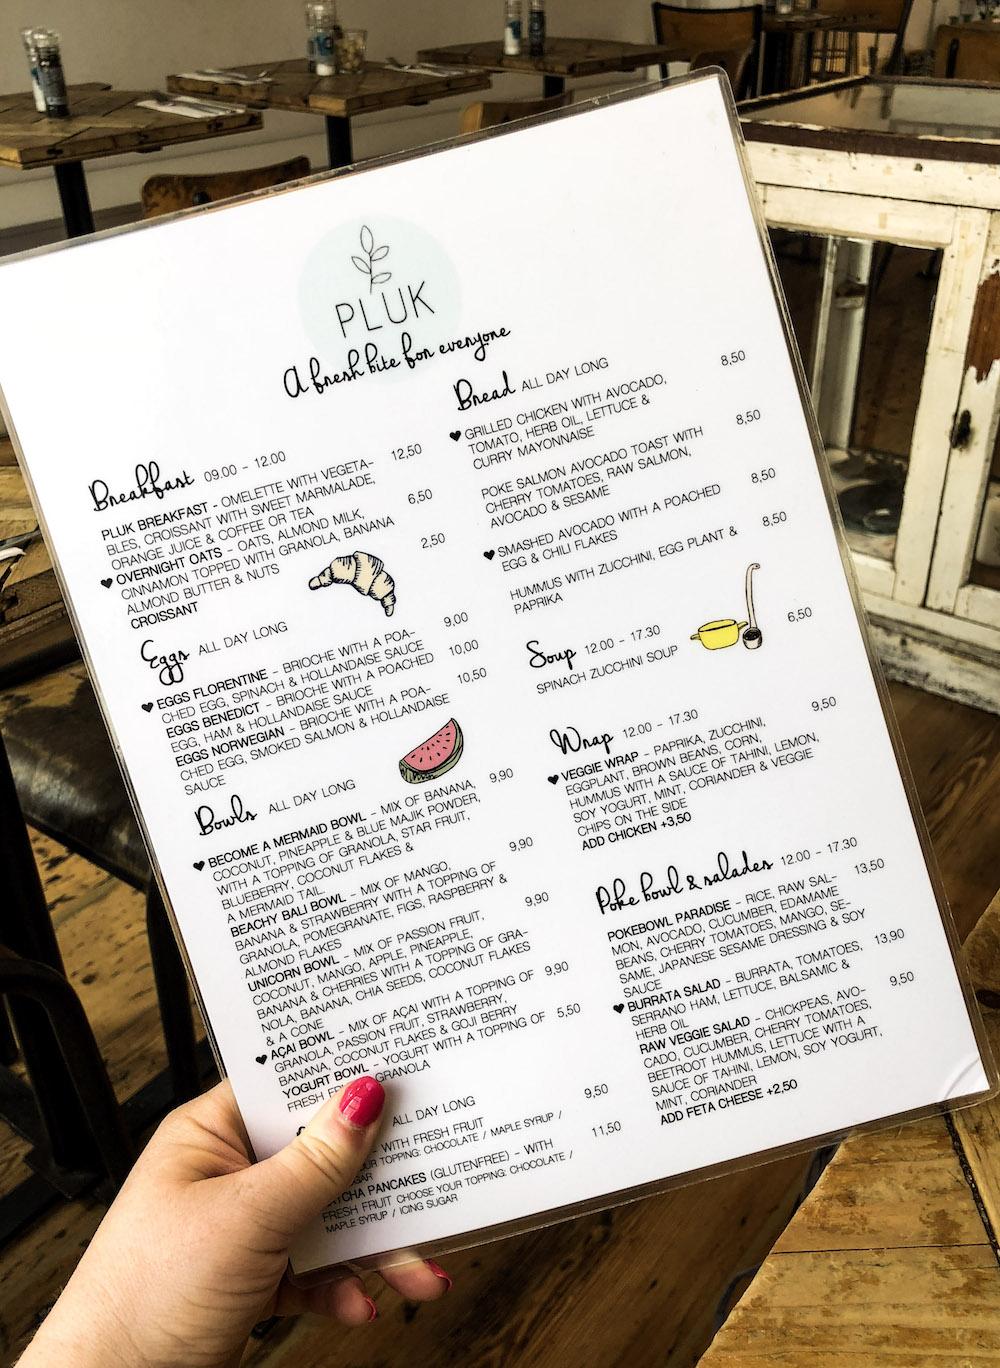 Pluk, Amsterdam Foodies Guide